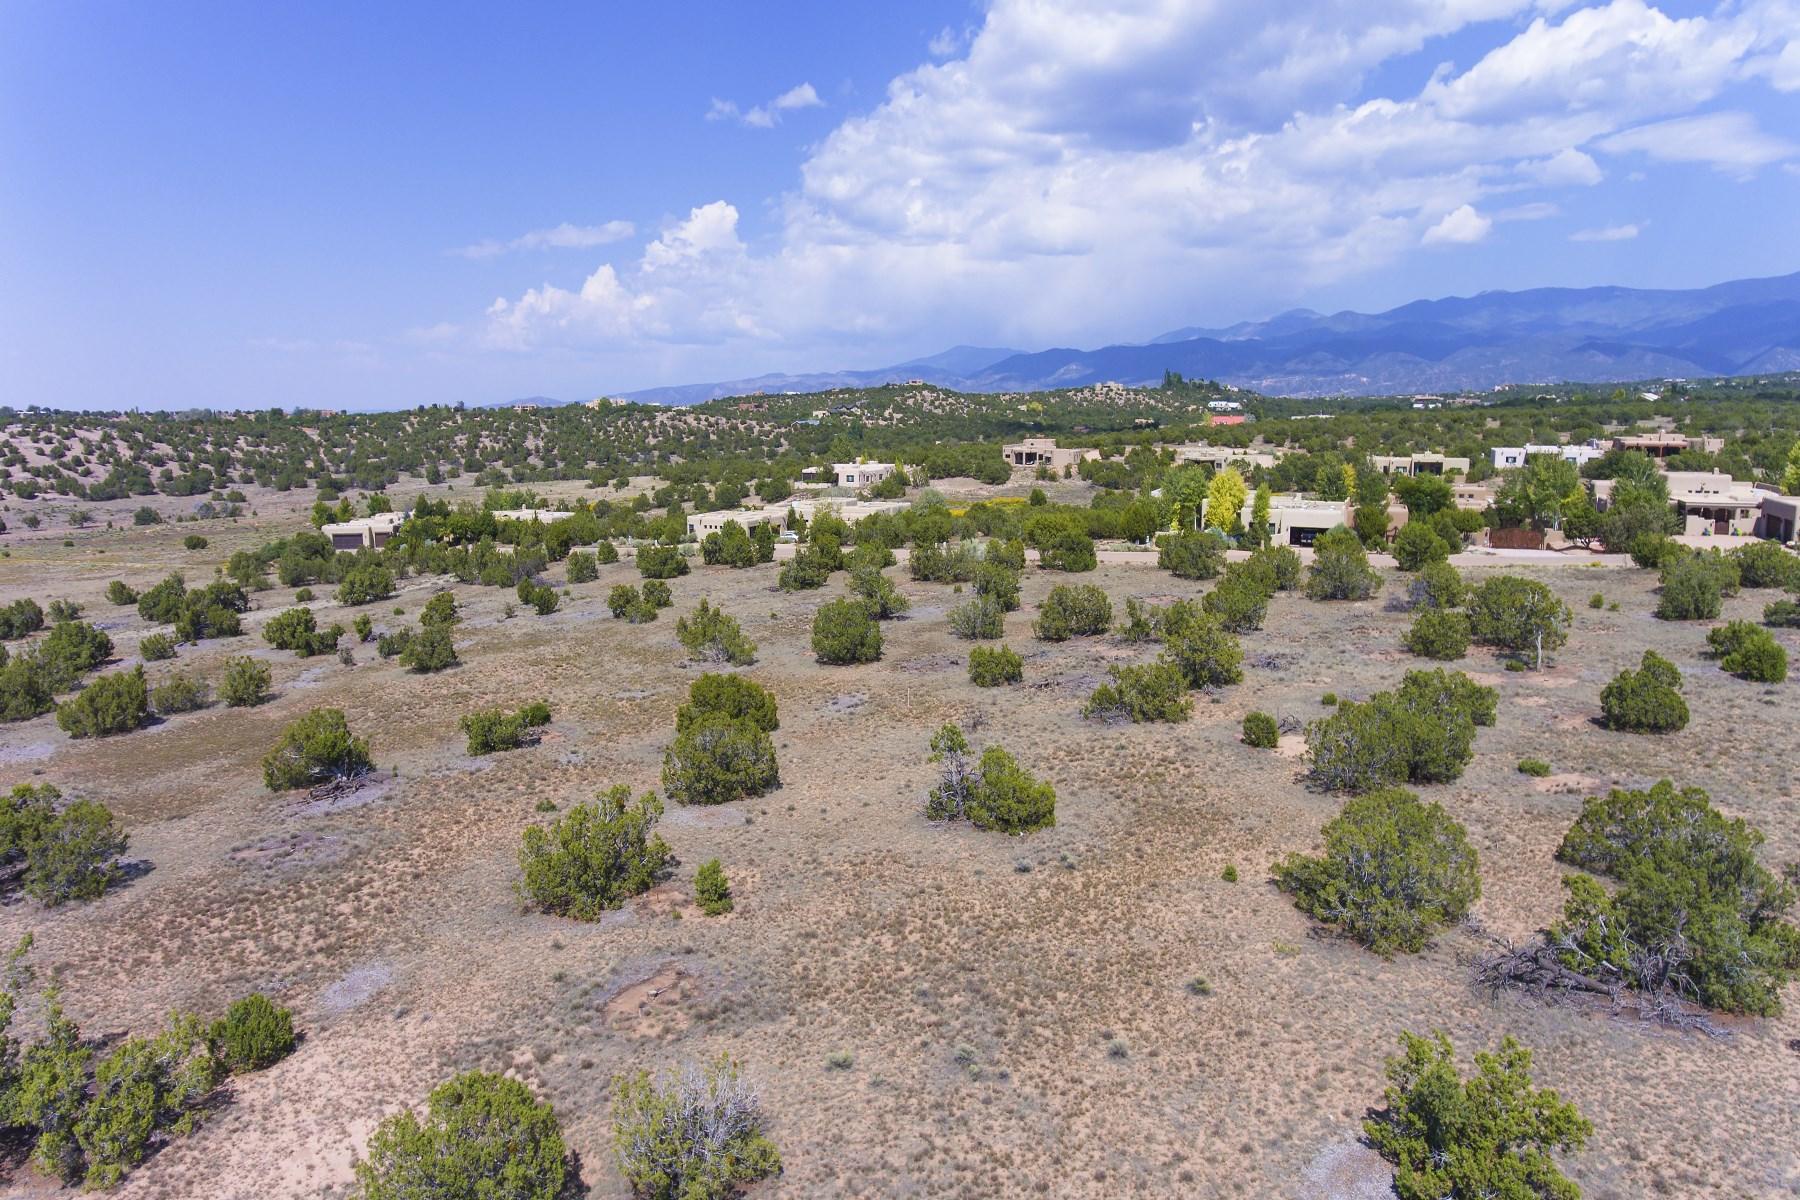 56 Heartstone Drive 56 Heartstone Santa Fe, New Mexico 87506 United States